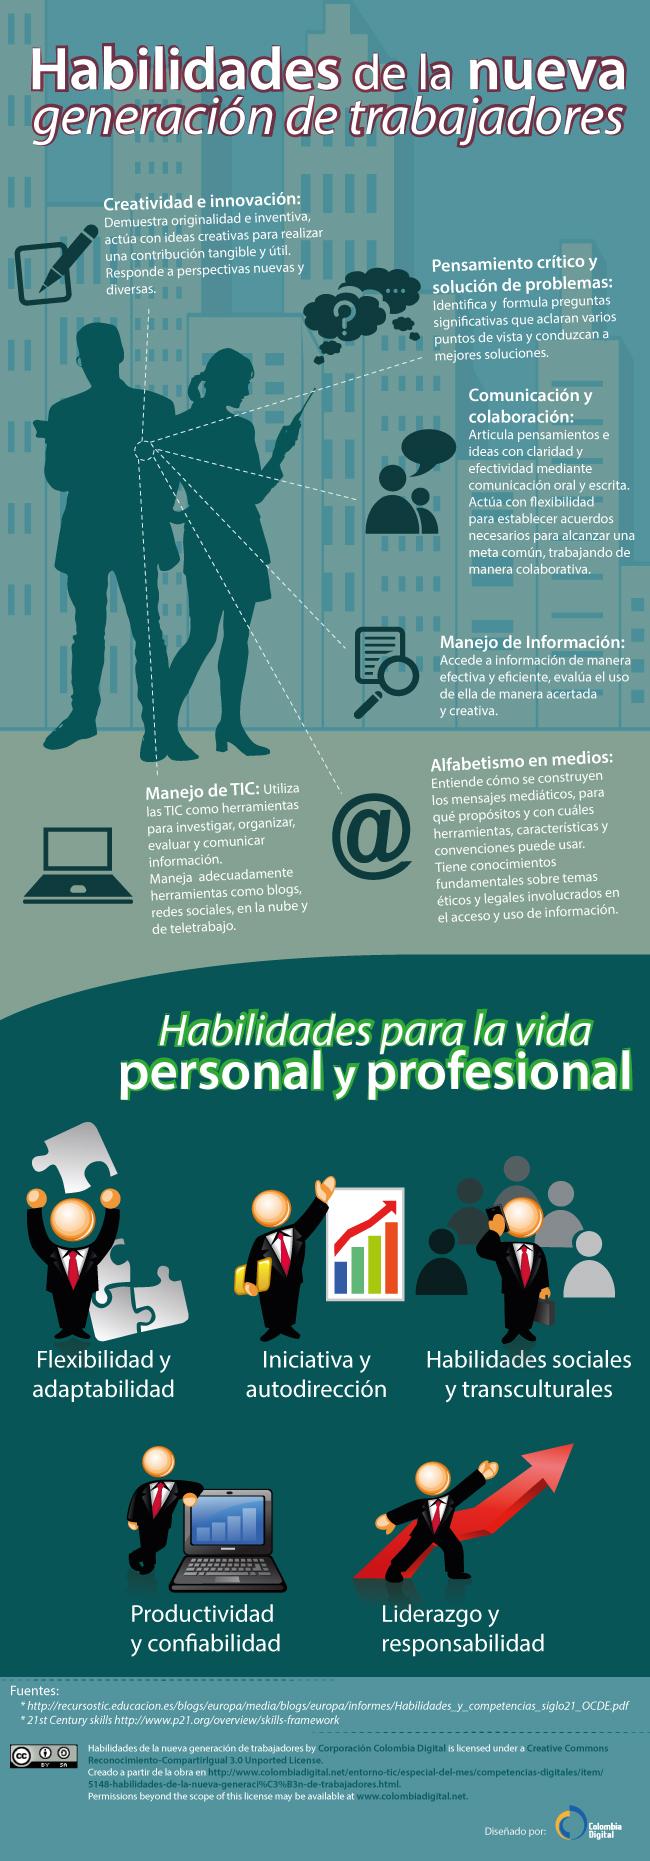 habilidades-de-la-nueva-generacion-de-trabajadores-infografia